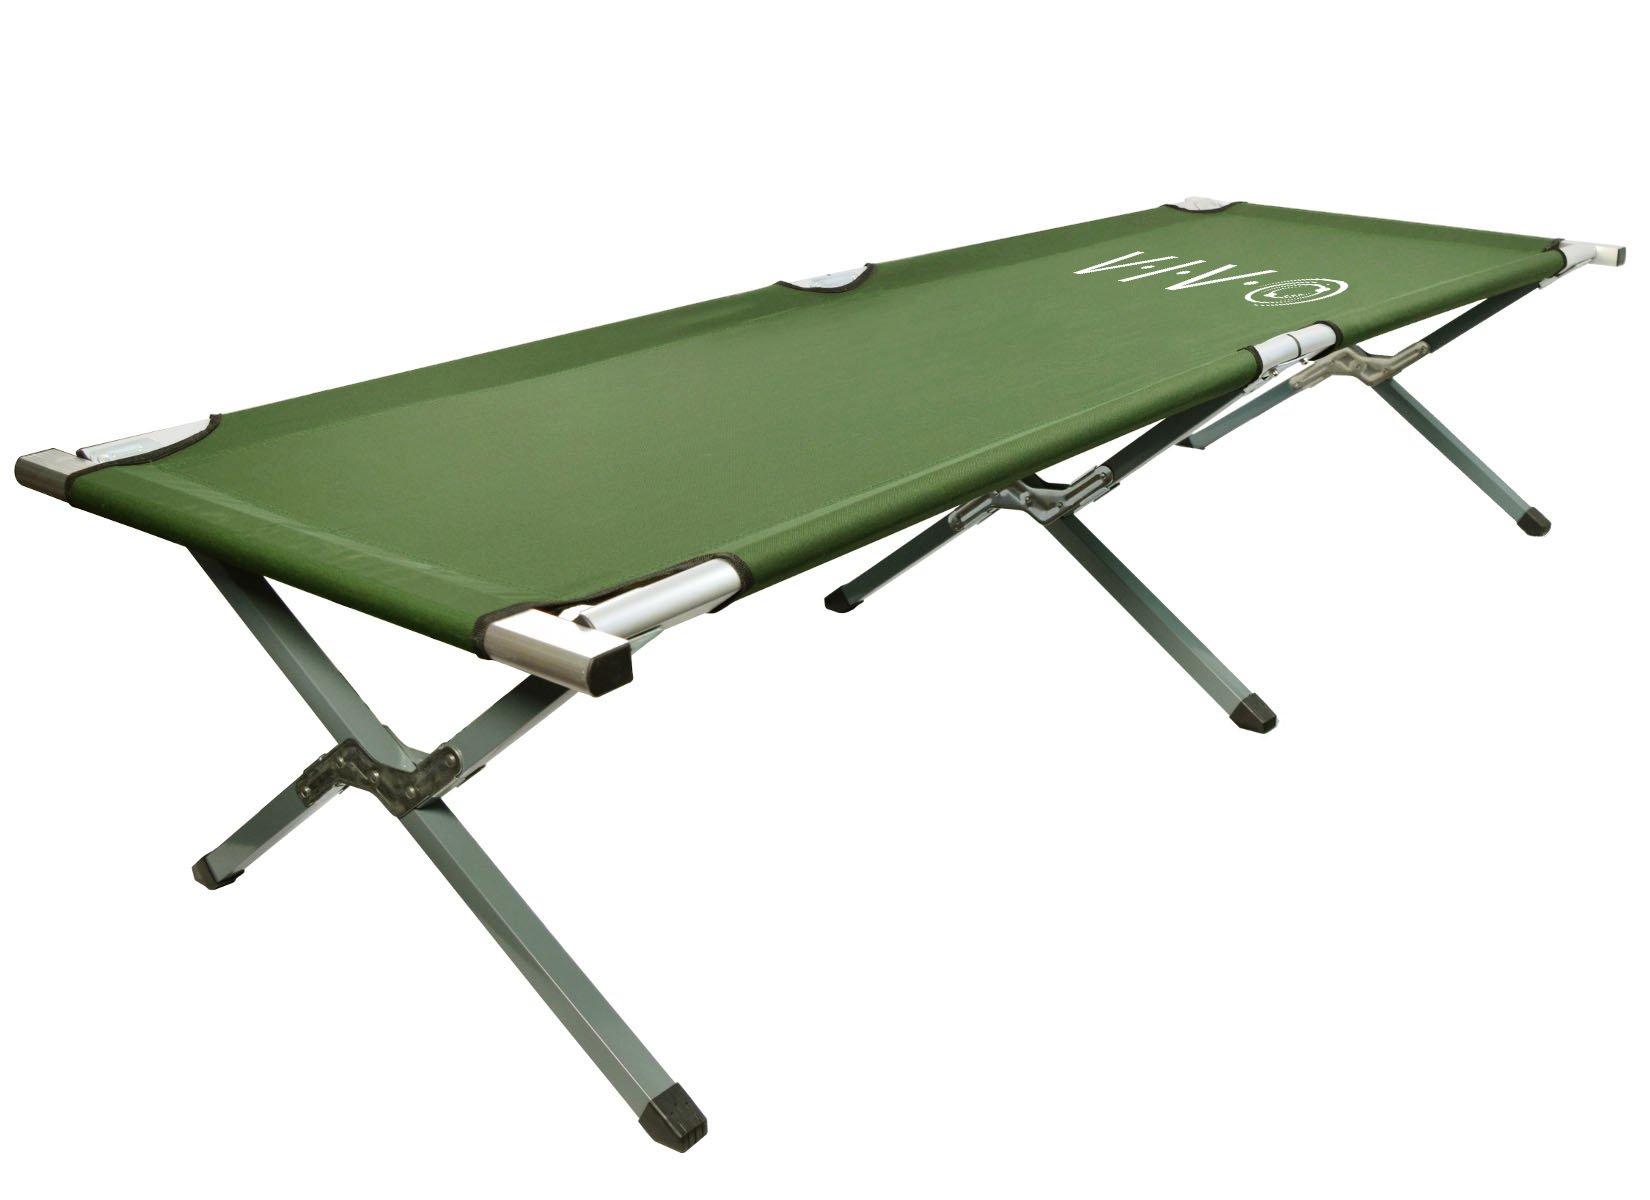 VIVO Green Camping Cot, Fold up Bed, Carrying Bag (COT-V01) by VIVO